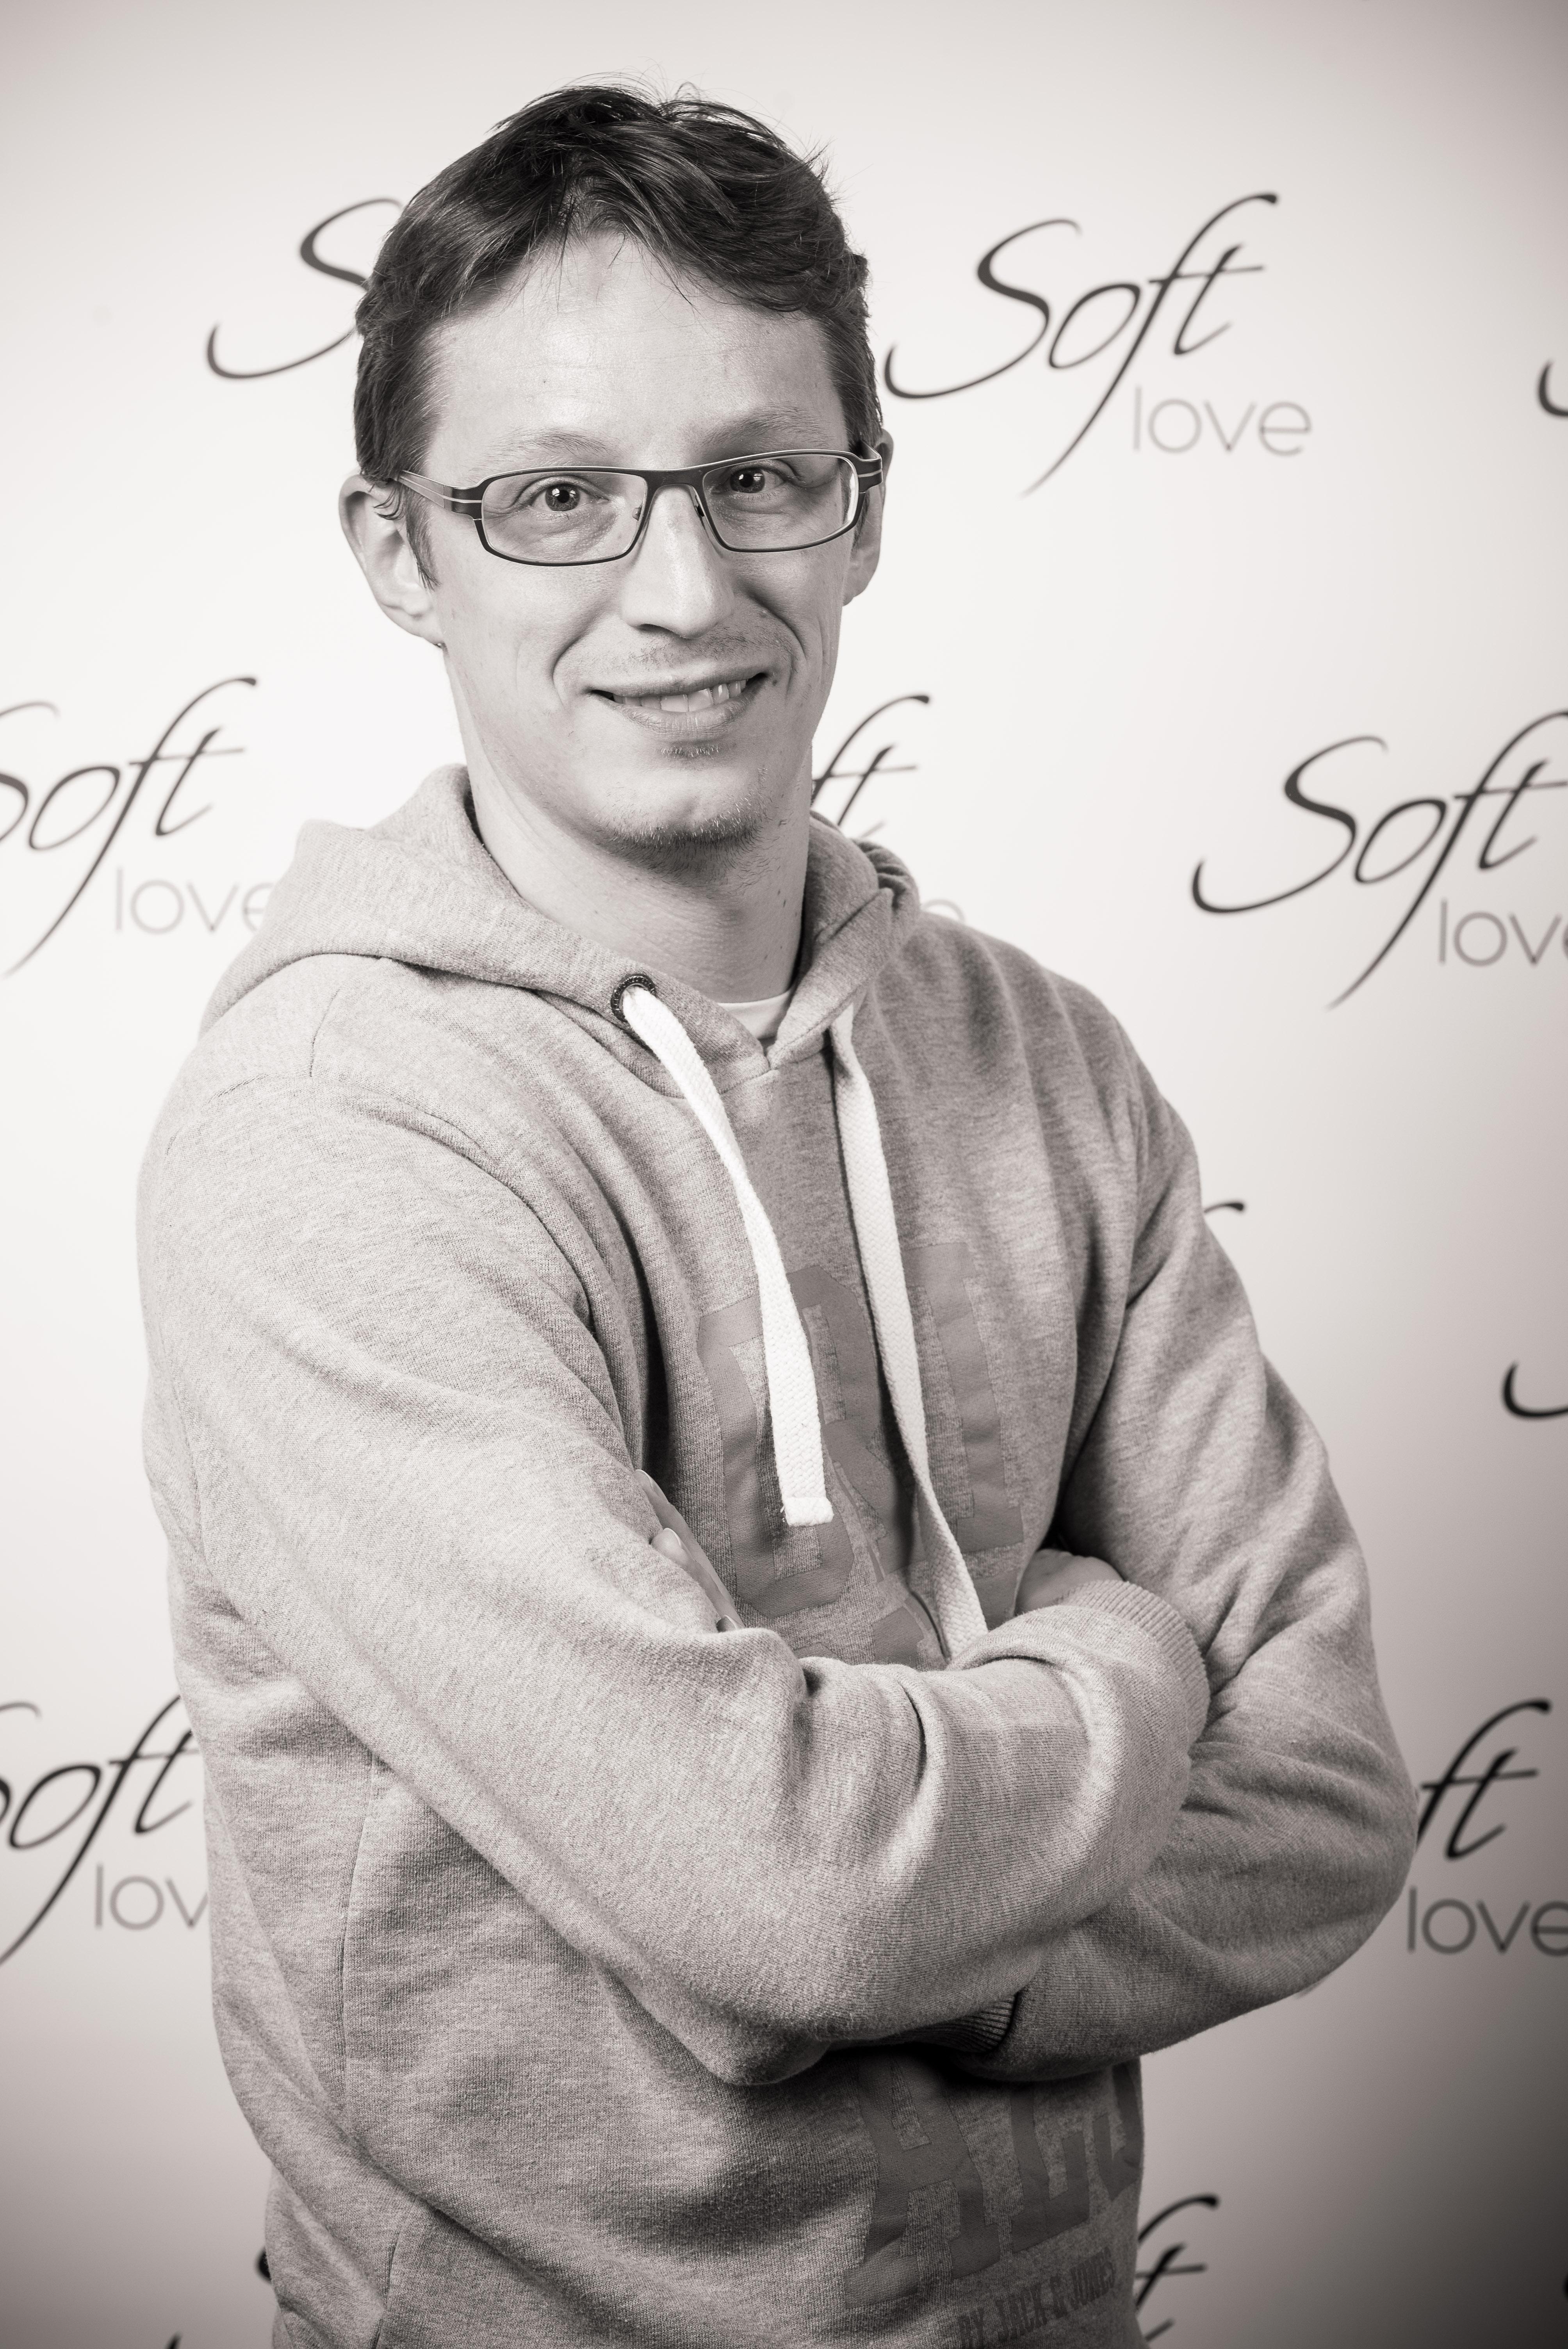 Thomas, manager Softlove de Namur